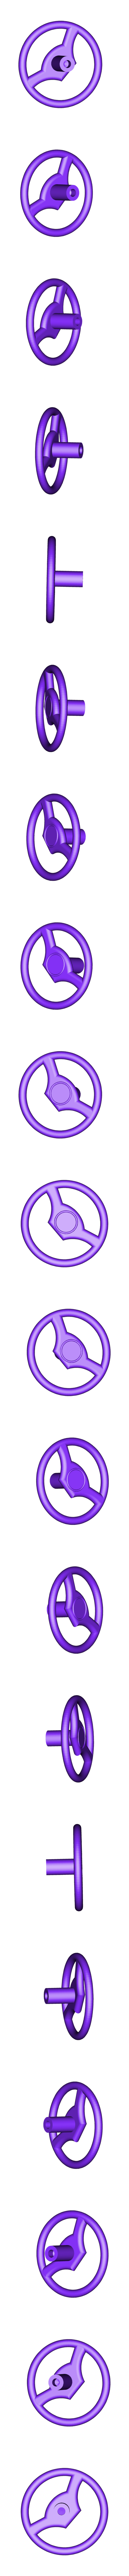 wheel_stering.stl Télécharger fichier STL Tableau de bord RC échelle 1/10 • Objet pour imprimante 3D, mariospeed